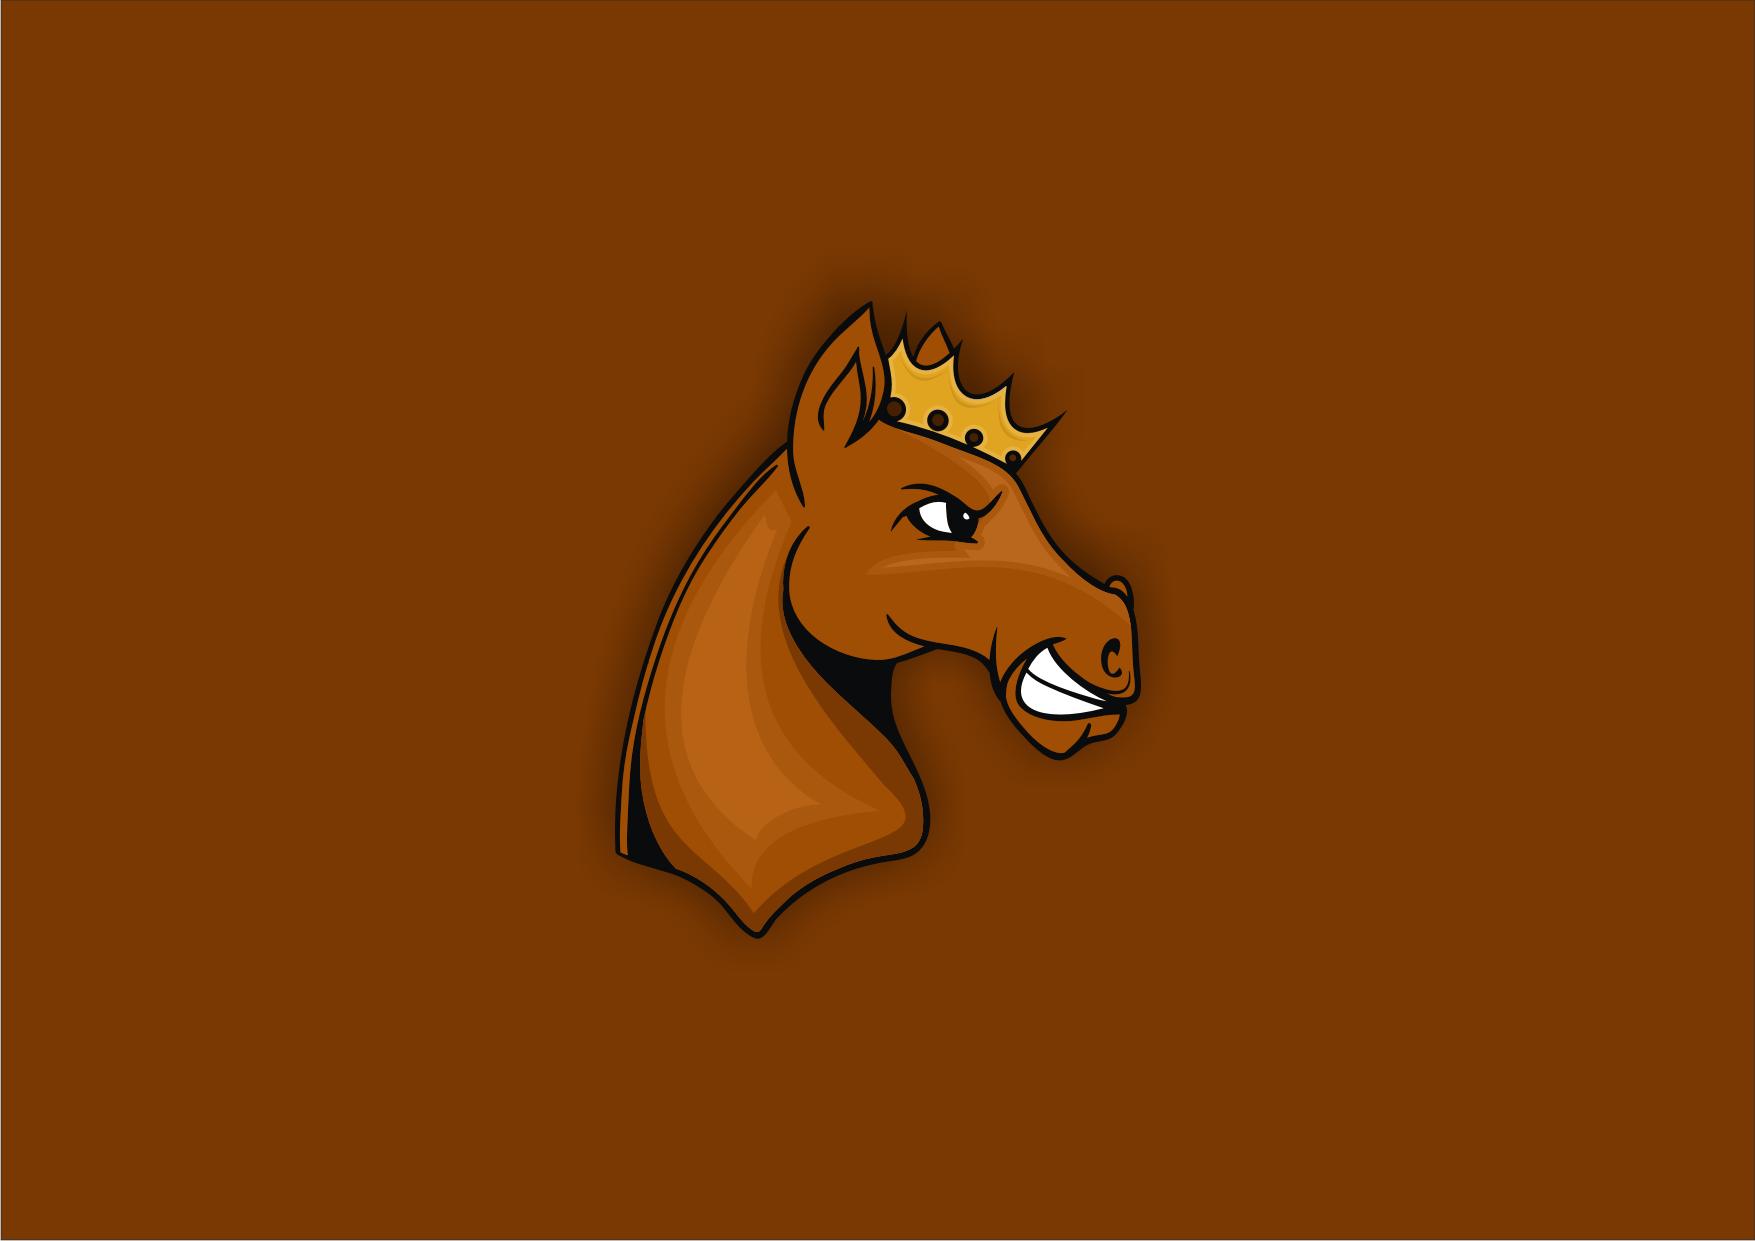 the horse queen